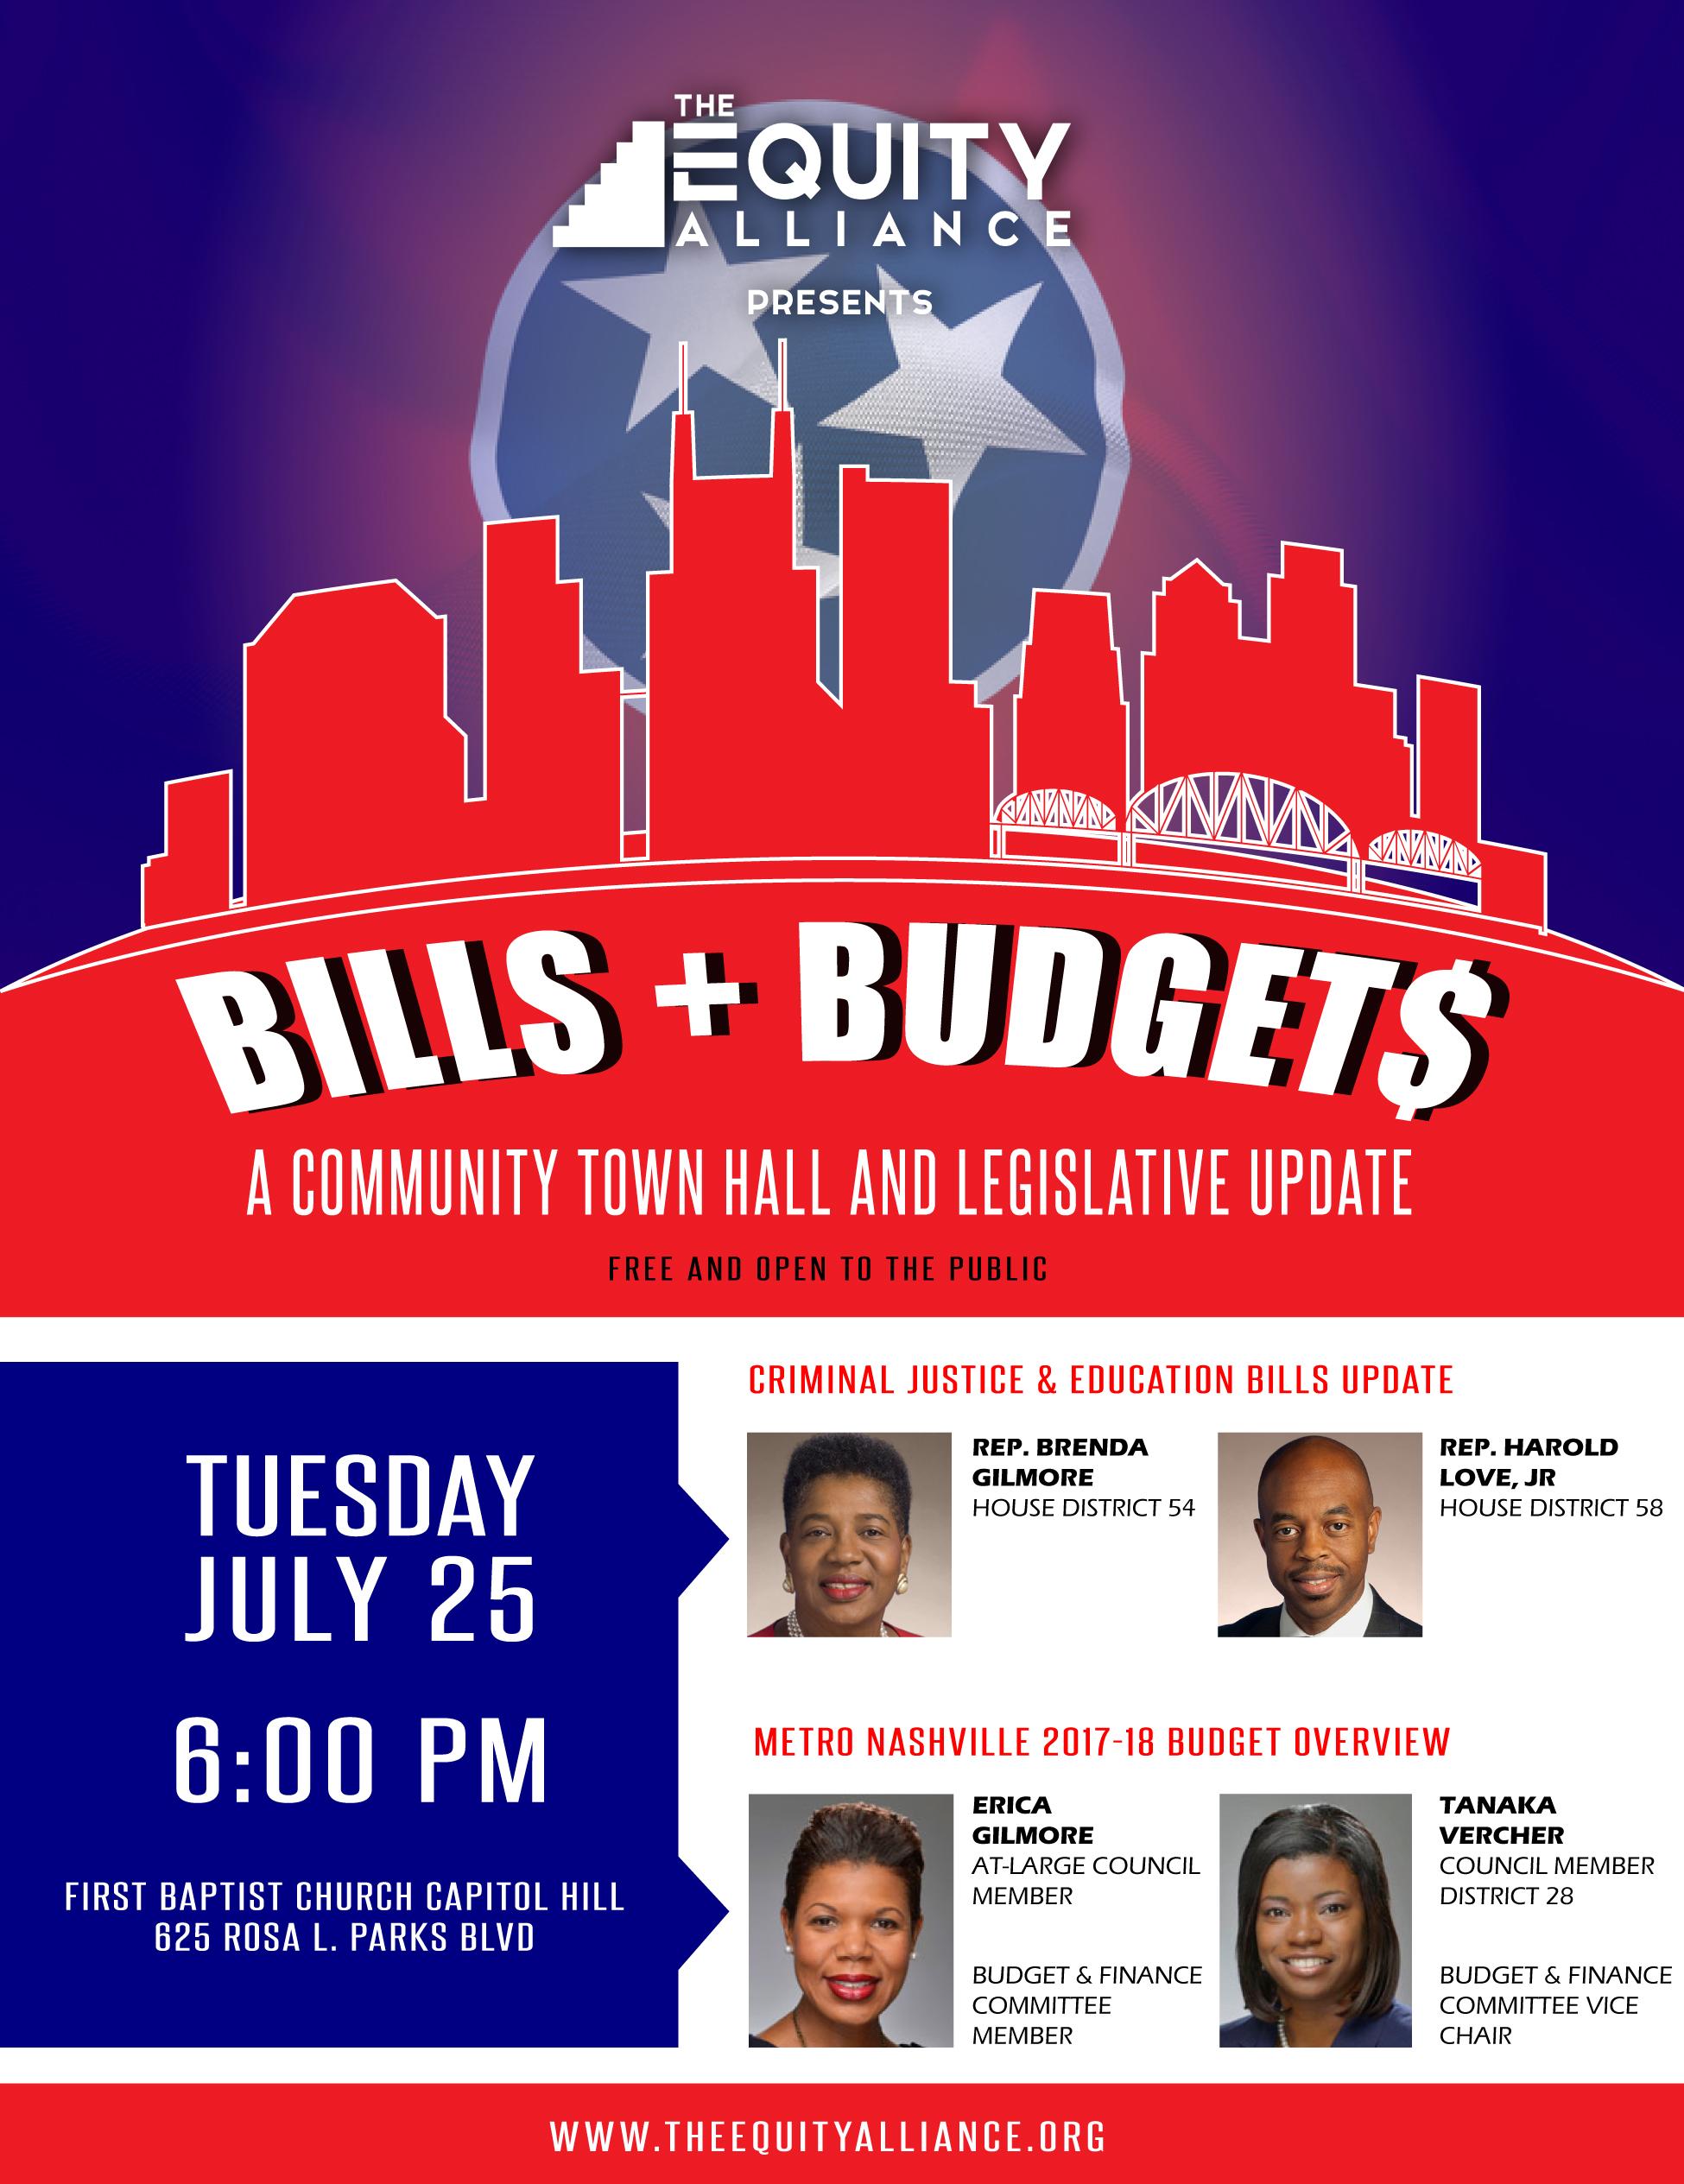 Bills_budgets